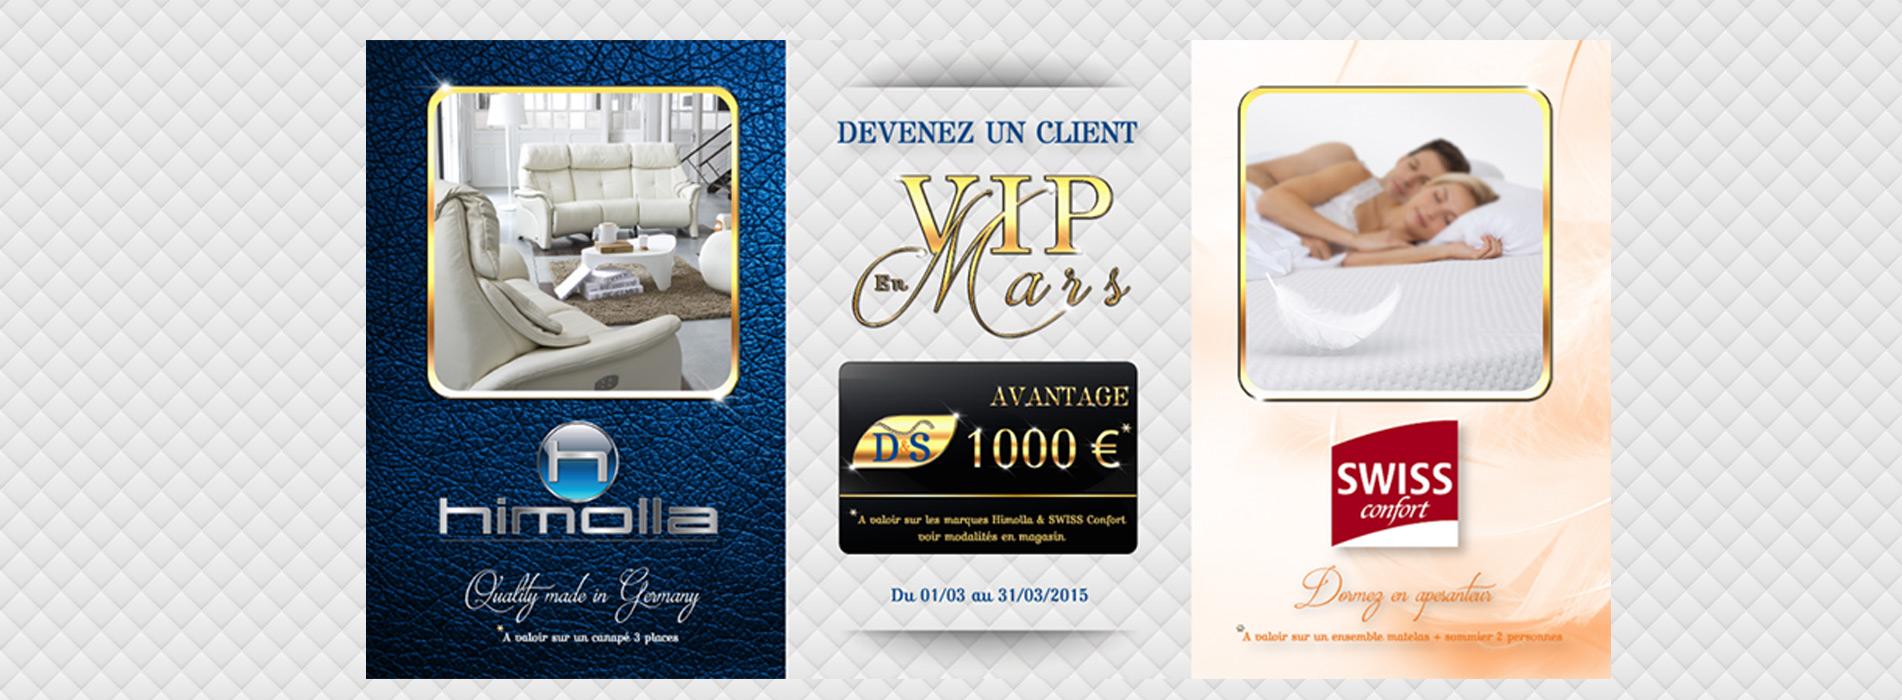 Devenez un client VIP